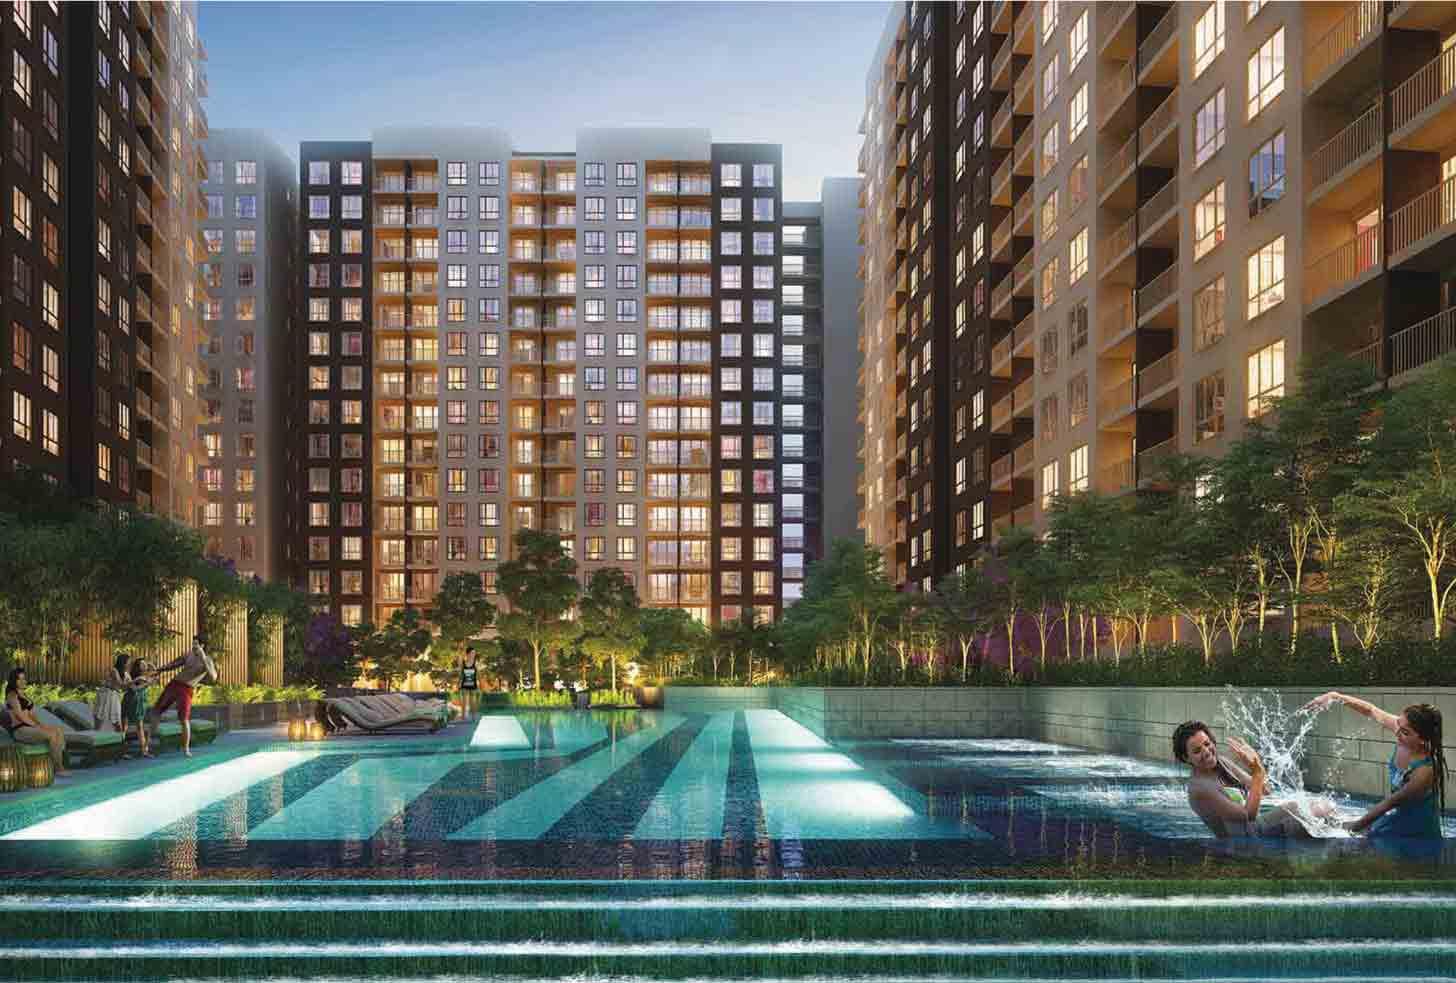 3 bhk flats in Rajarhat - Newtown Kolkata